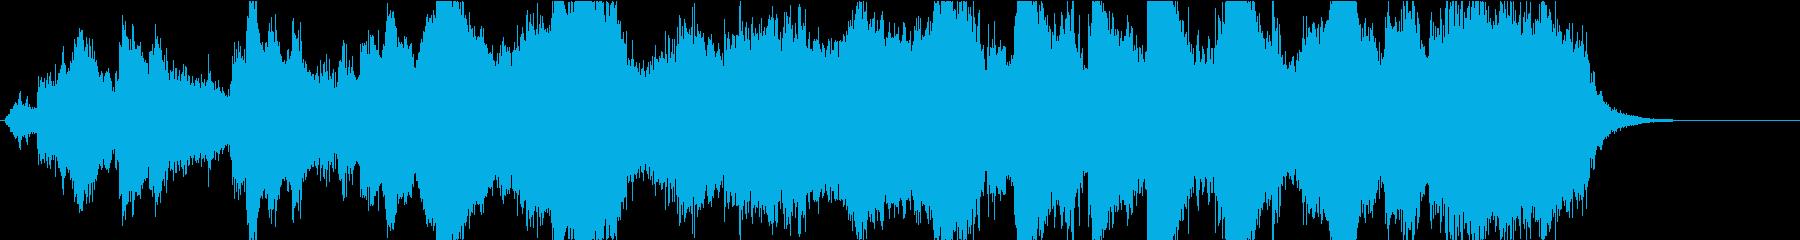 アバンギャルドなBGMの再生済みの波形